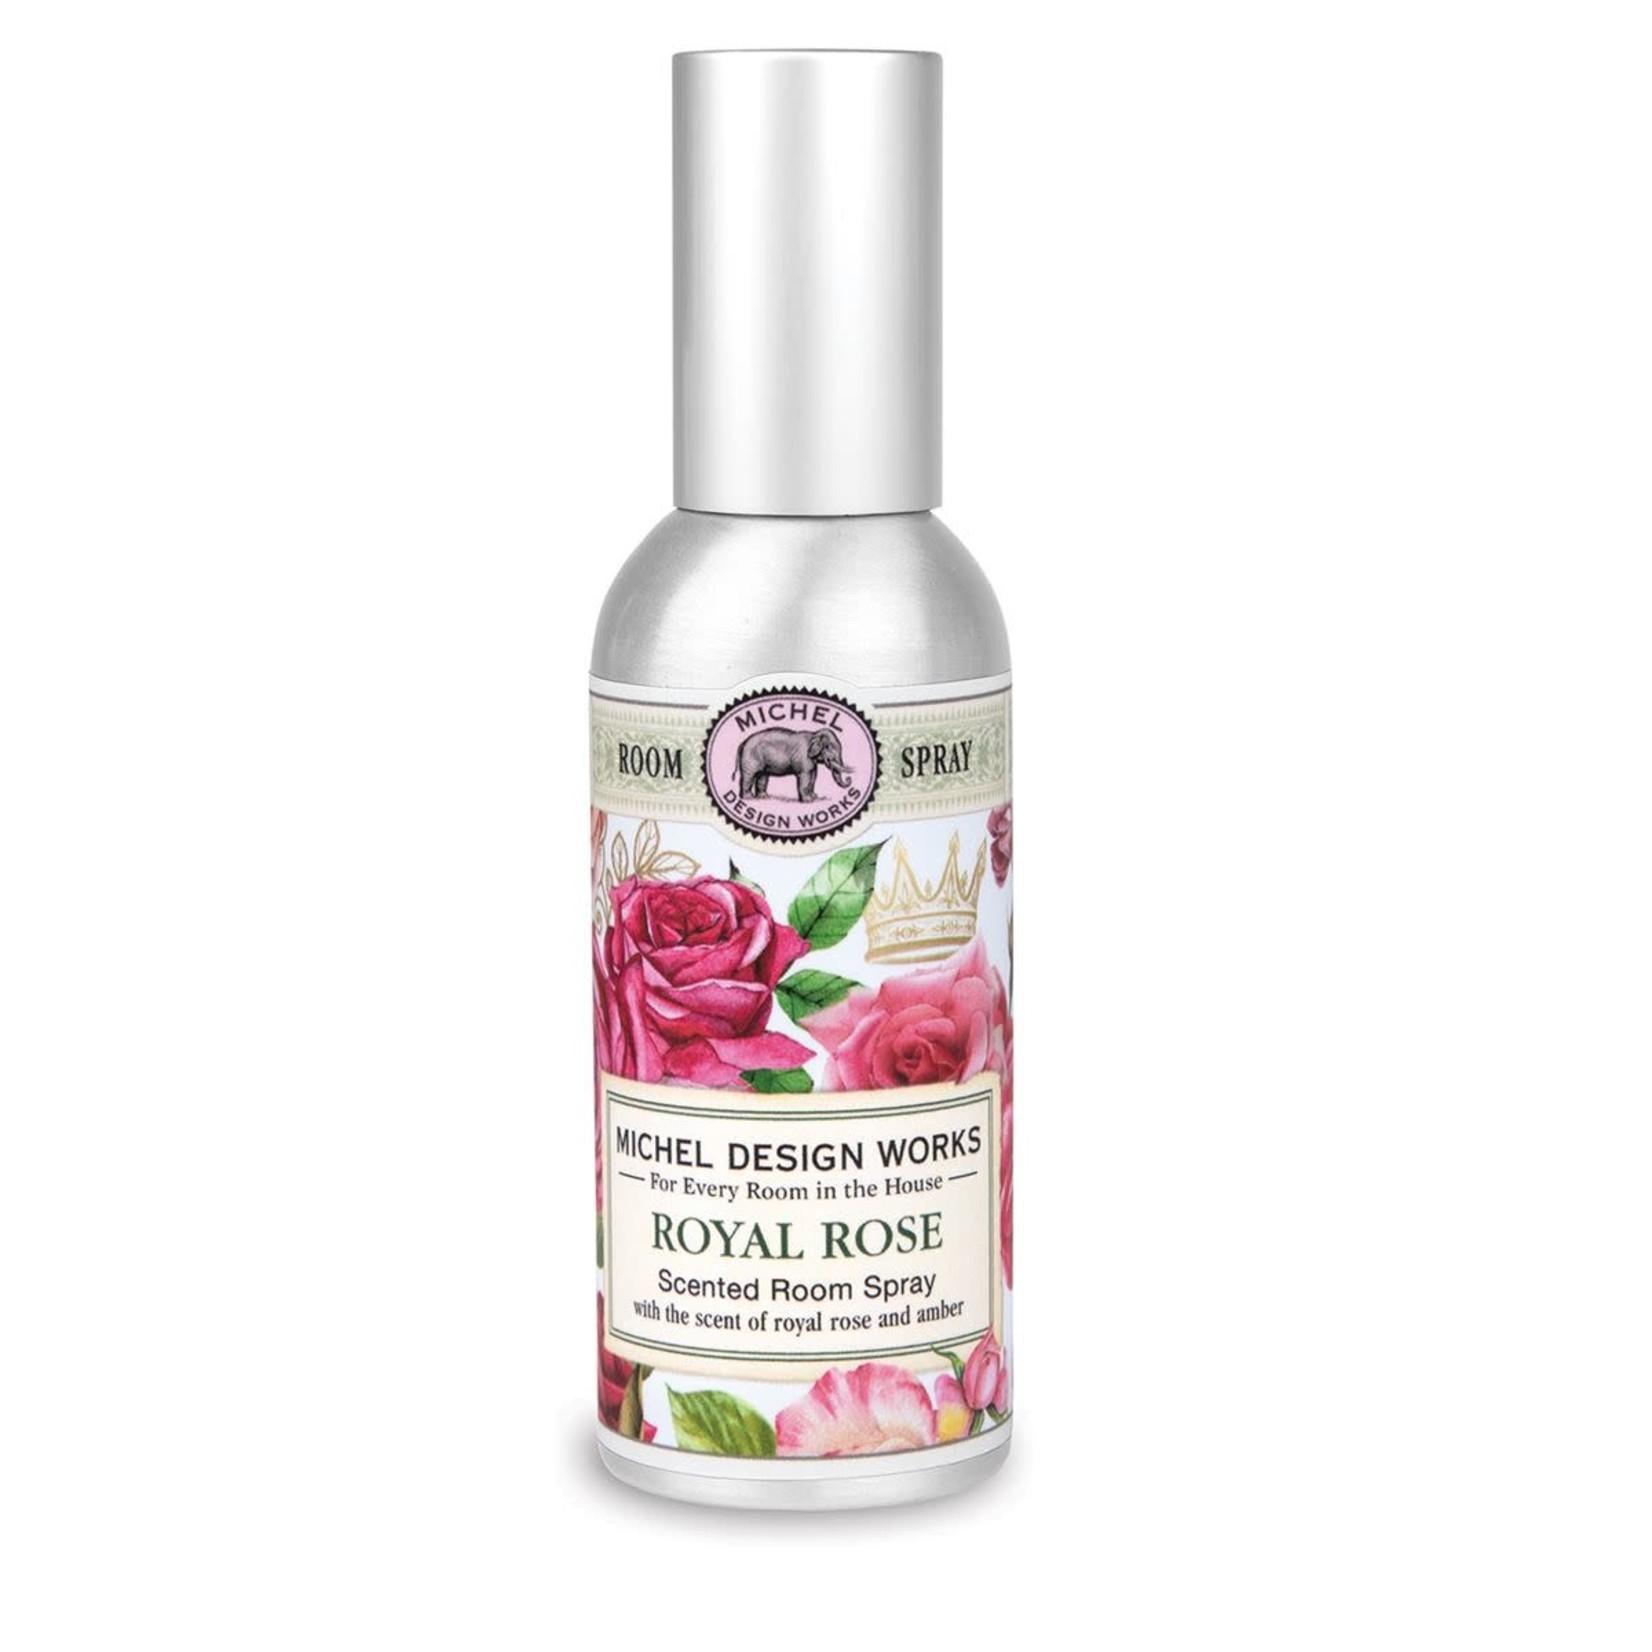 Michel Design Works Royal Rose Home Fragrance Spray